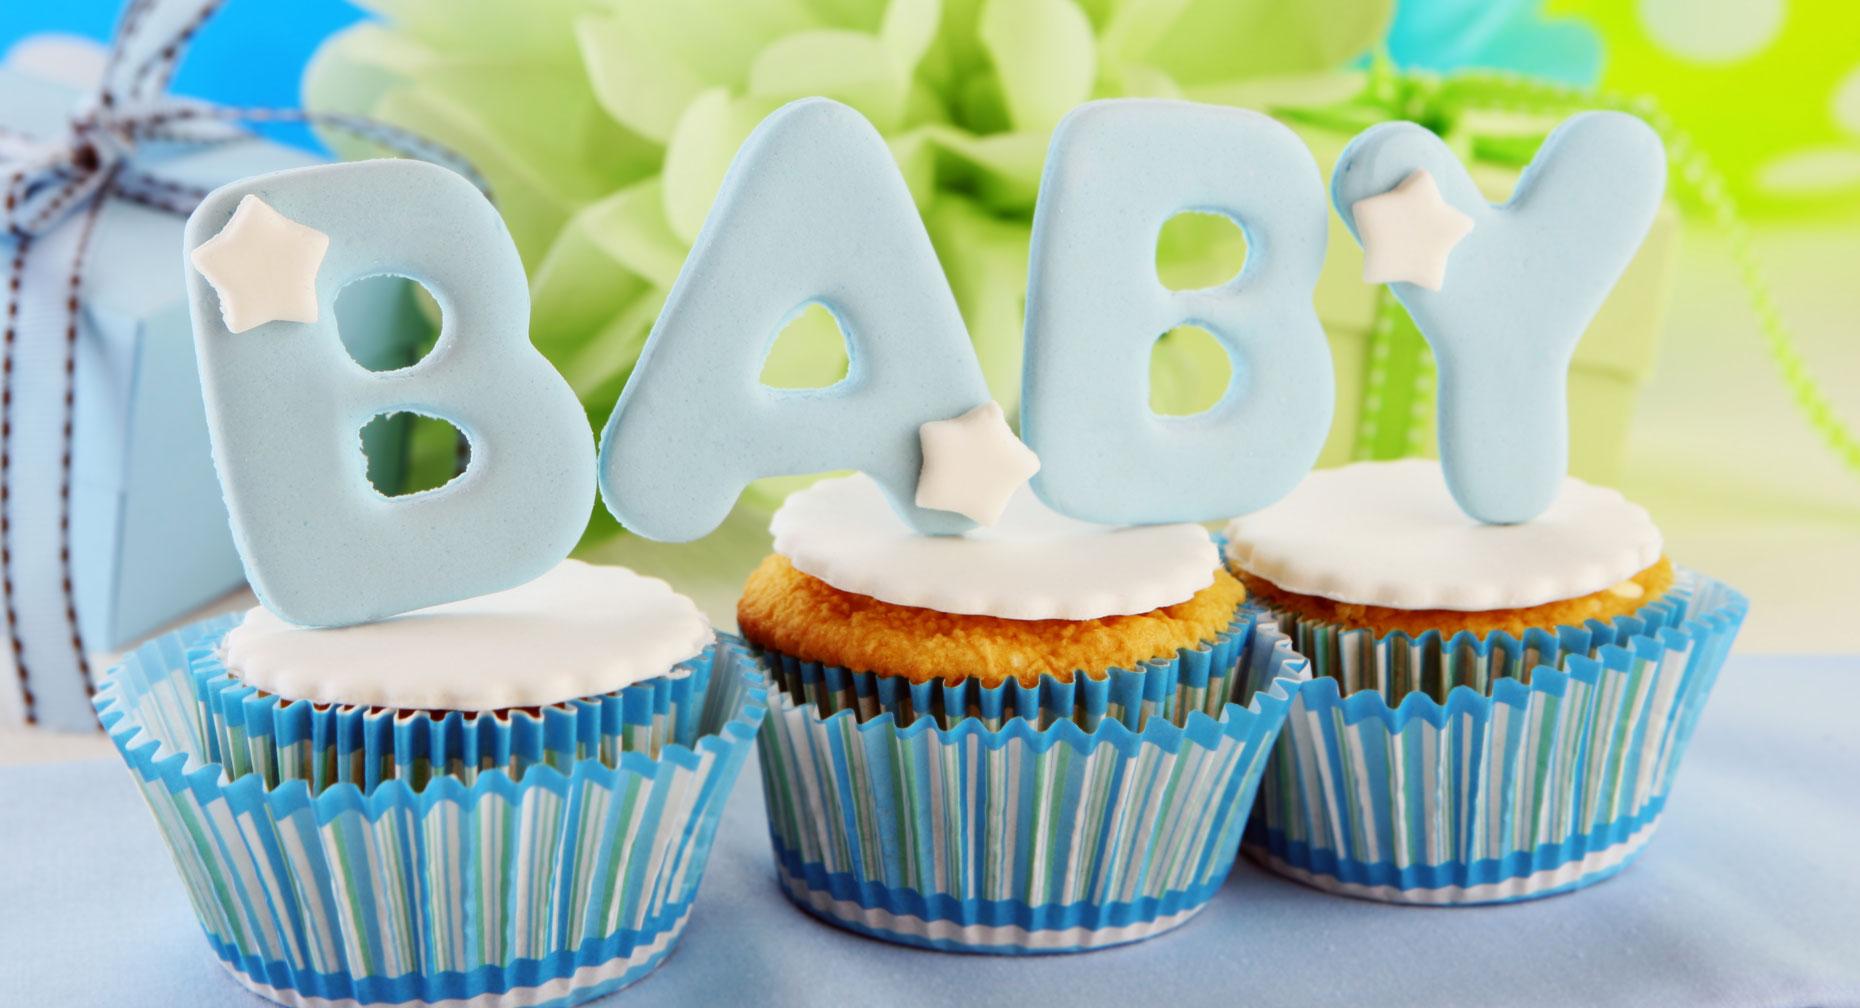 Safe Sleep Baby Shower Wish List From Premier Health